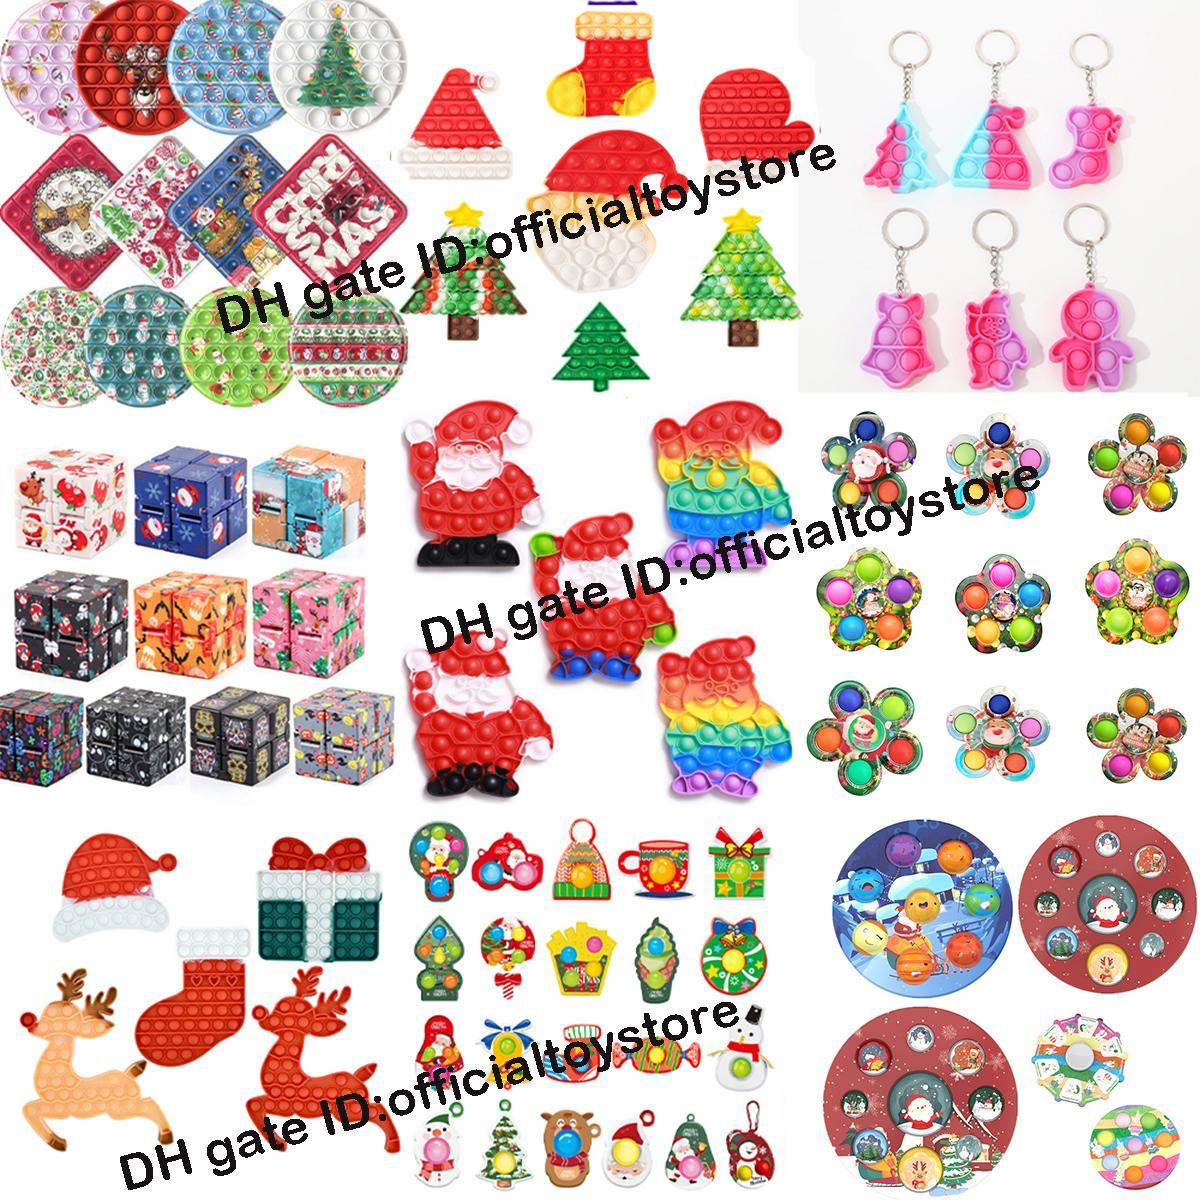 Хэллоуин Fidge Toys Аутизм нуждается в Squishy Resight Reviever Декомпрессионная игрушка Party Party Party WABLE Взрослый Парень Галстук-Краситель Радуга Смешной Антисусный Подарок